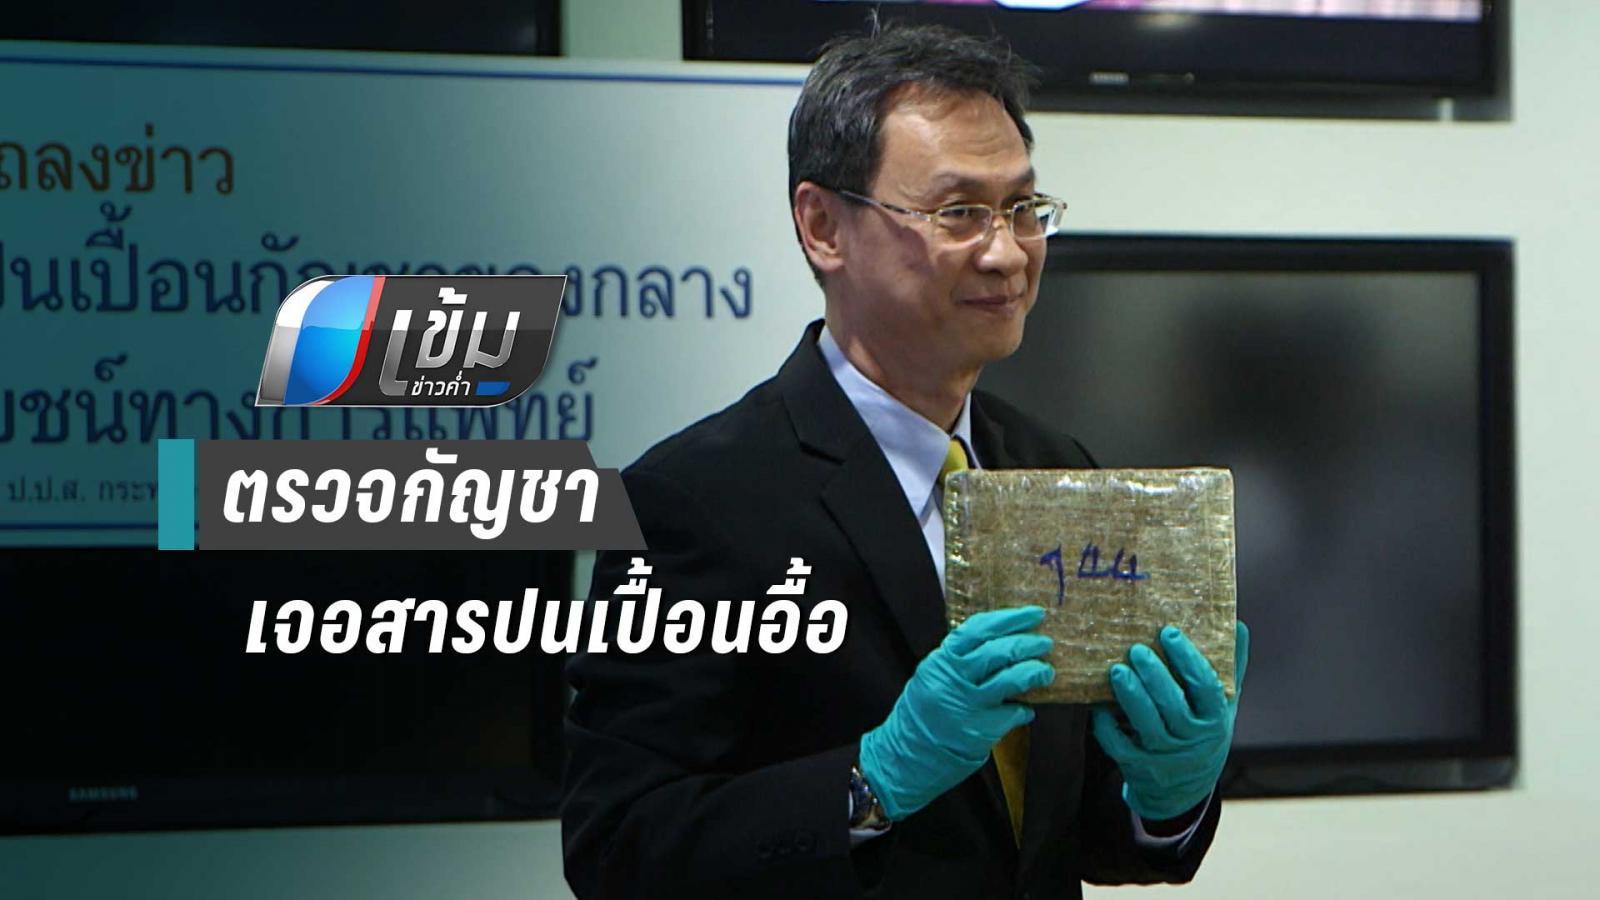 กรมวิทย์เผยผลตรวจกัญชา 18 ตัน พบสารปนเปื้อนอื้อ ยาฆ่าแมลง-โลหะหนัก